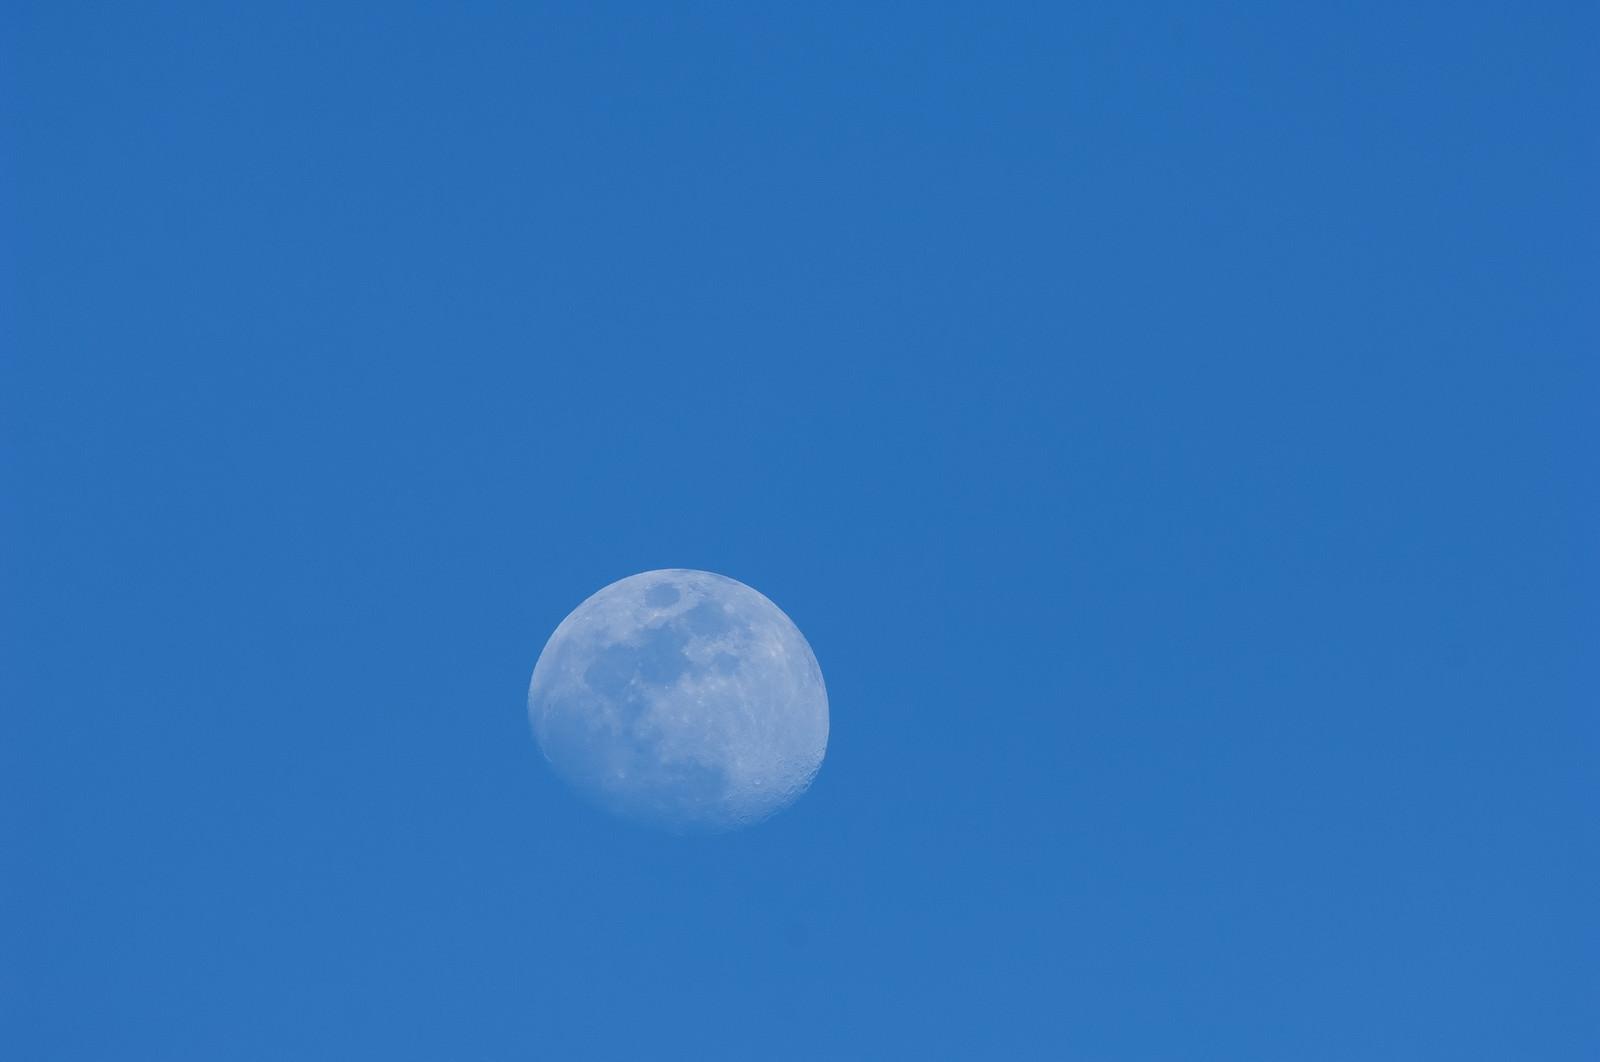 「青空の中の白い月」の写真